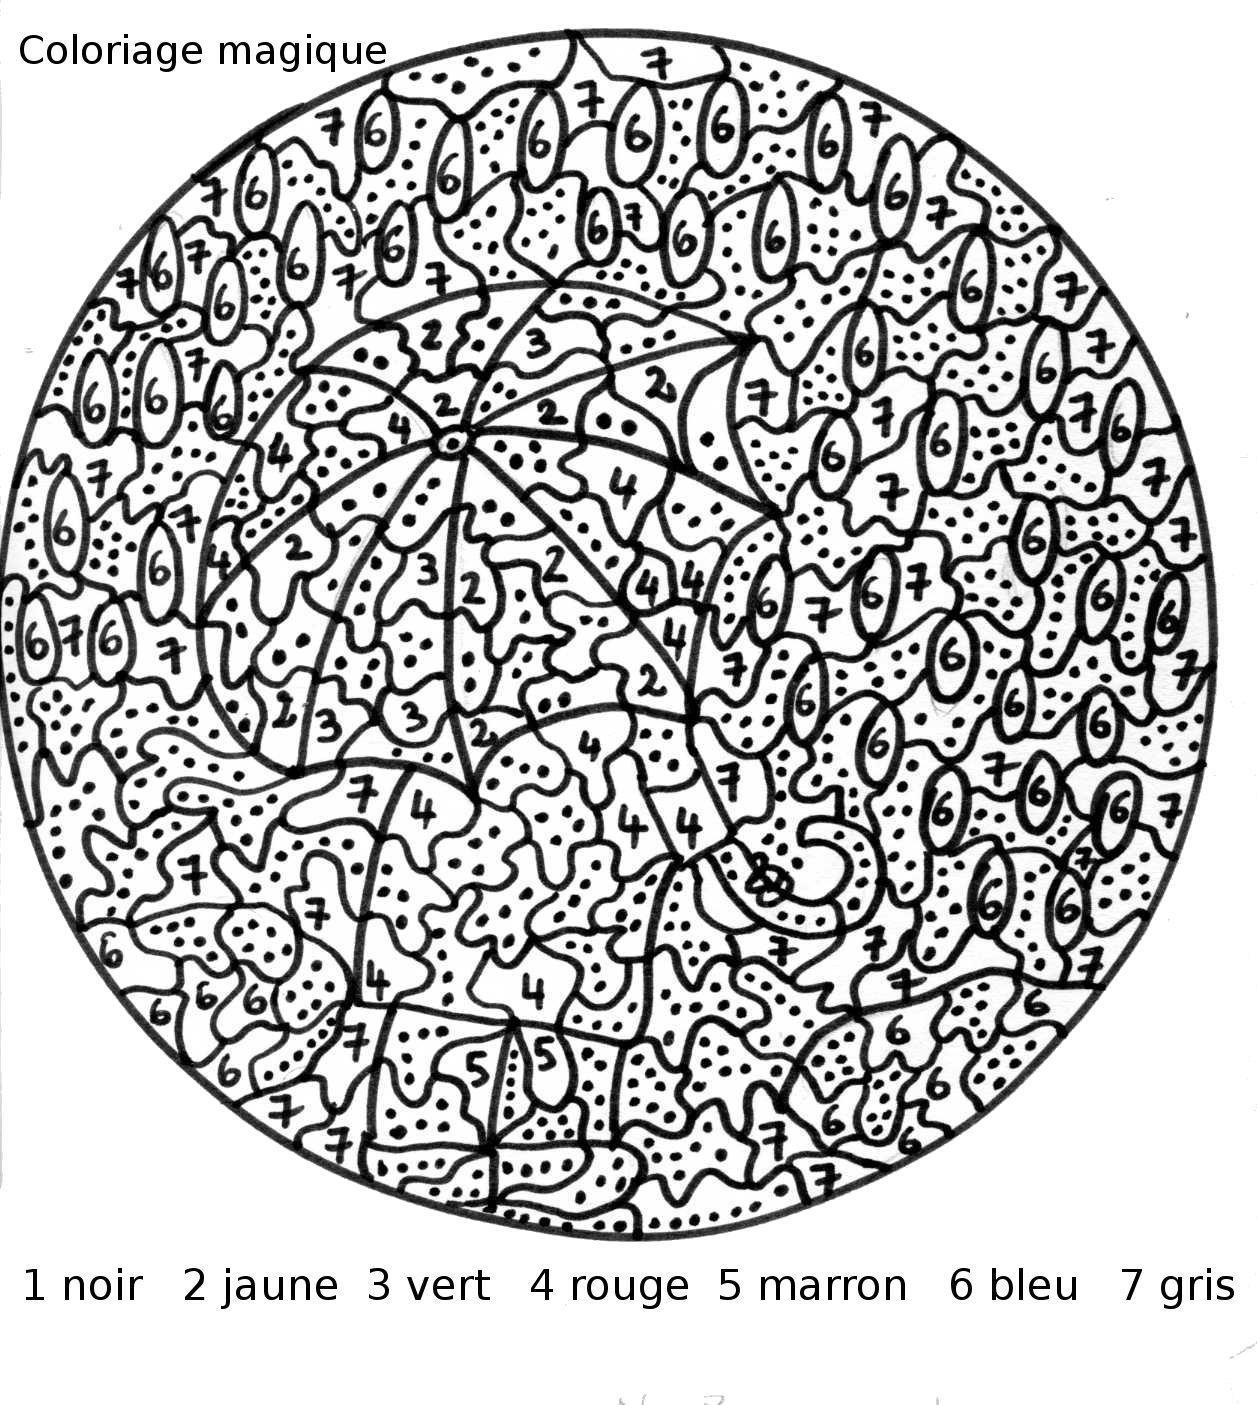 Coloriages magiques, mandalas et autres coloriages ; dessins - Coloriage Magique Numération Cp